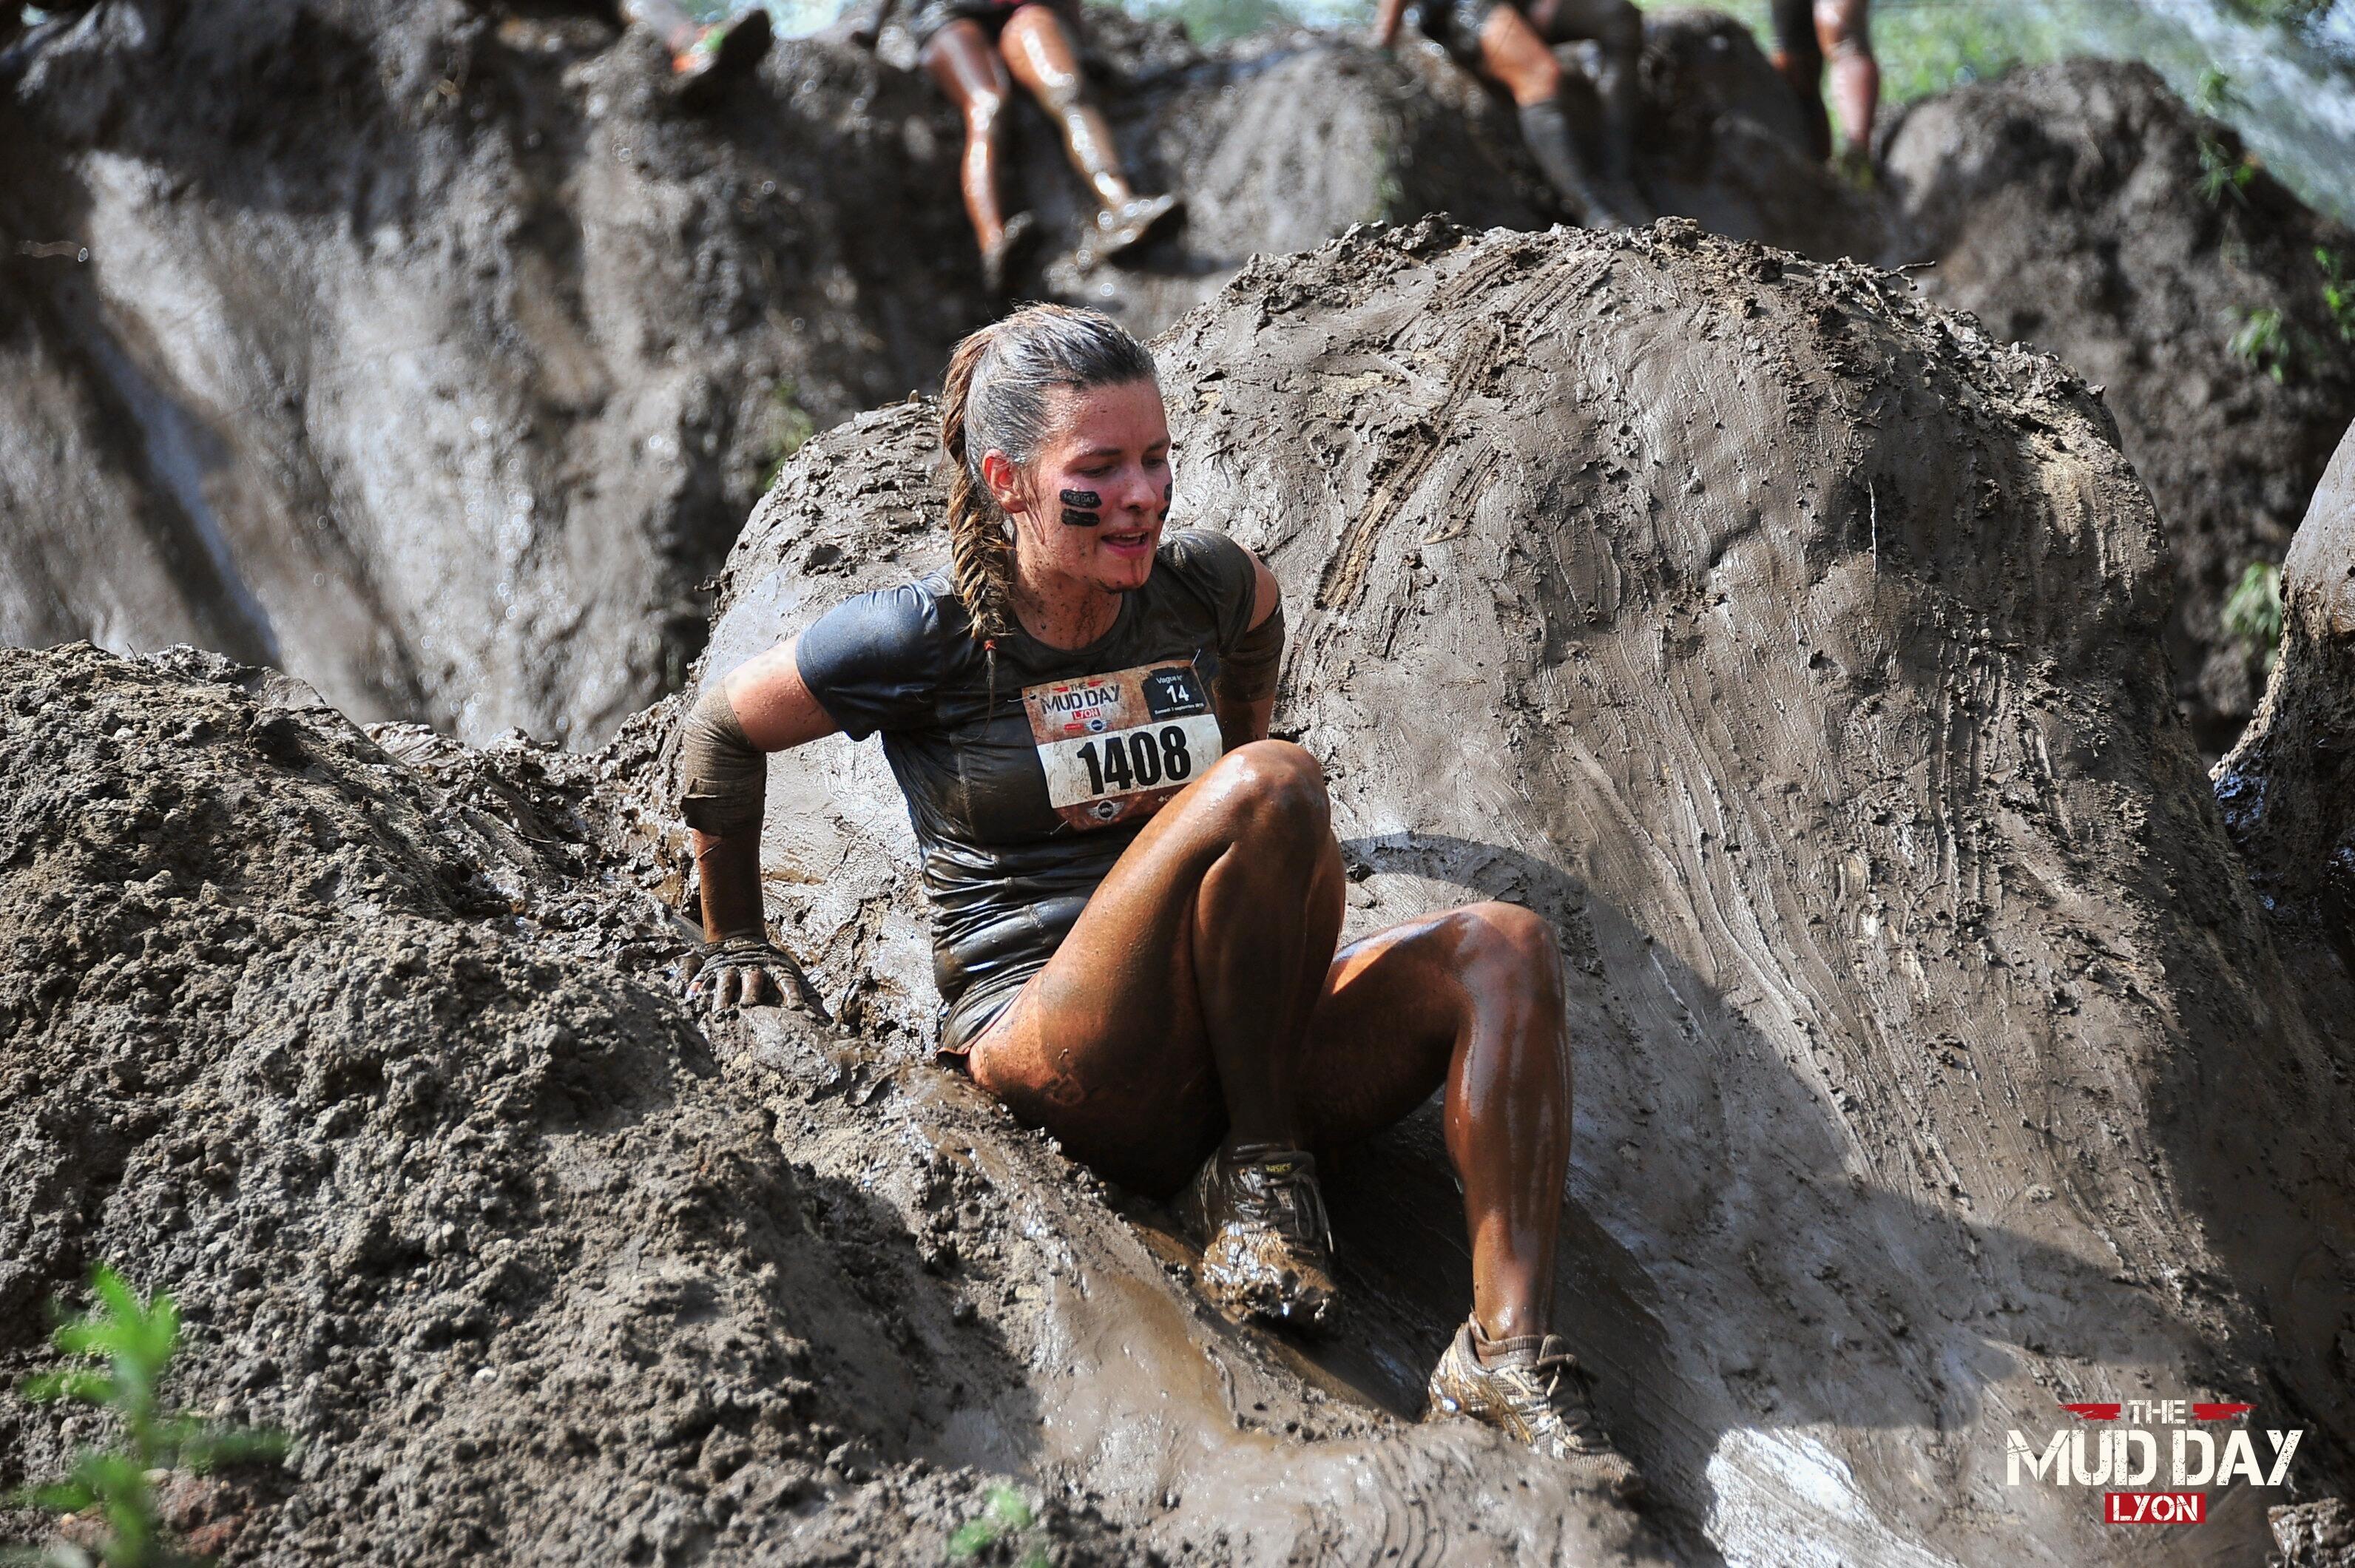 Comment survivre une mud day th r se and the kids for Survitrer une fenetre